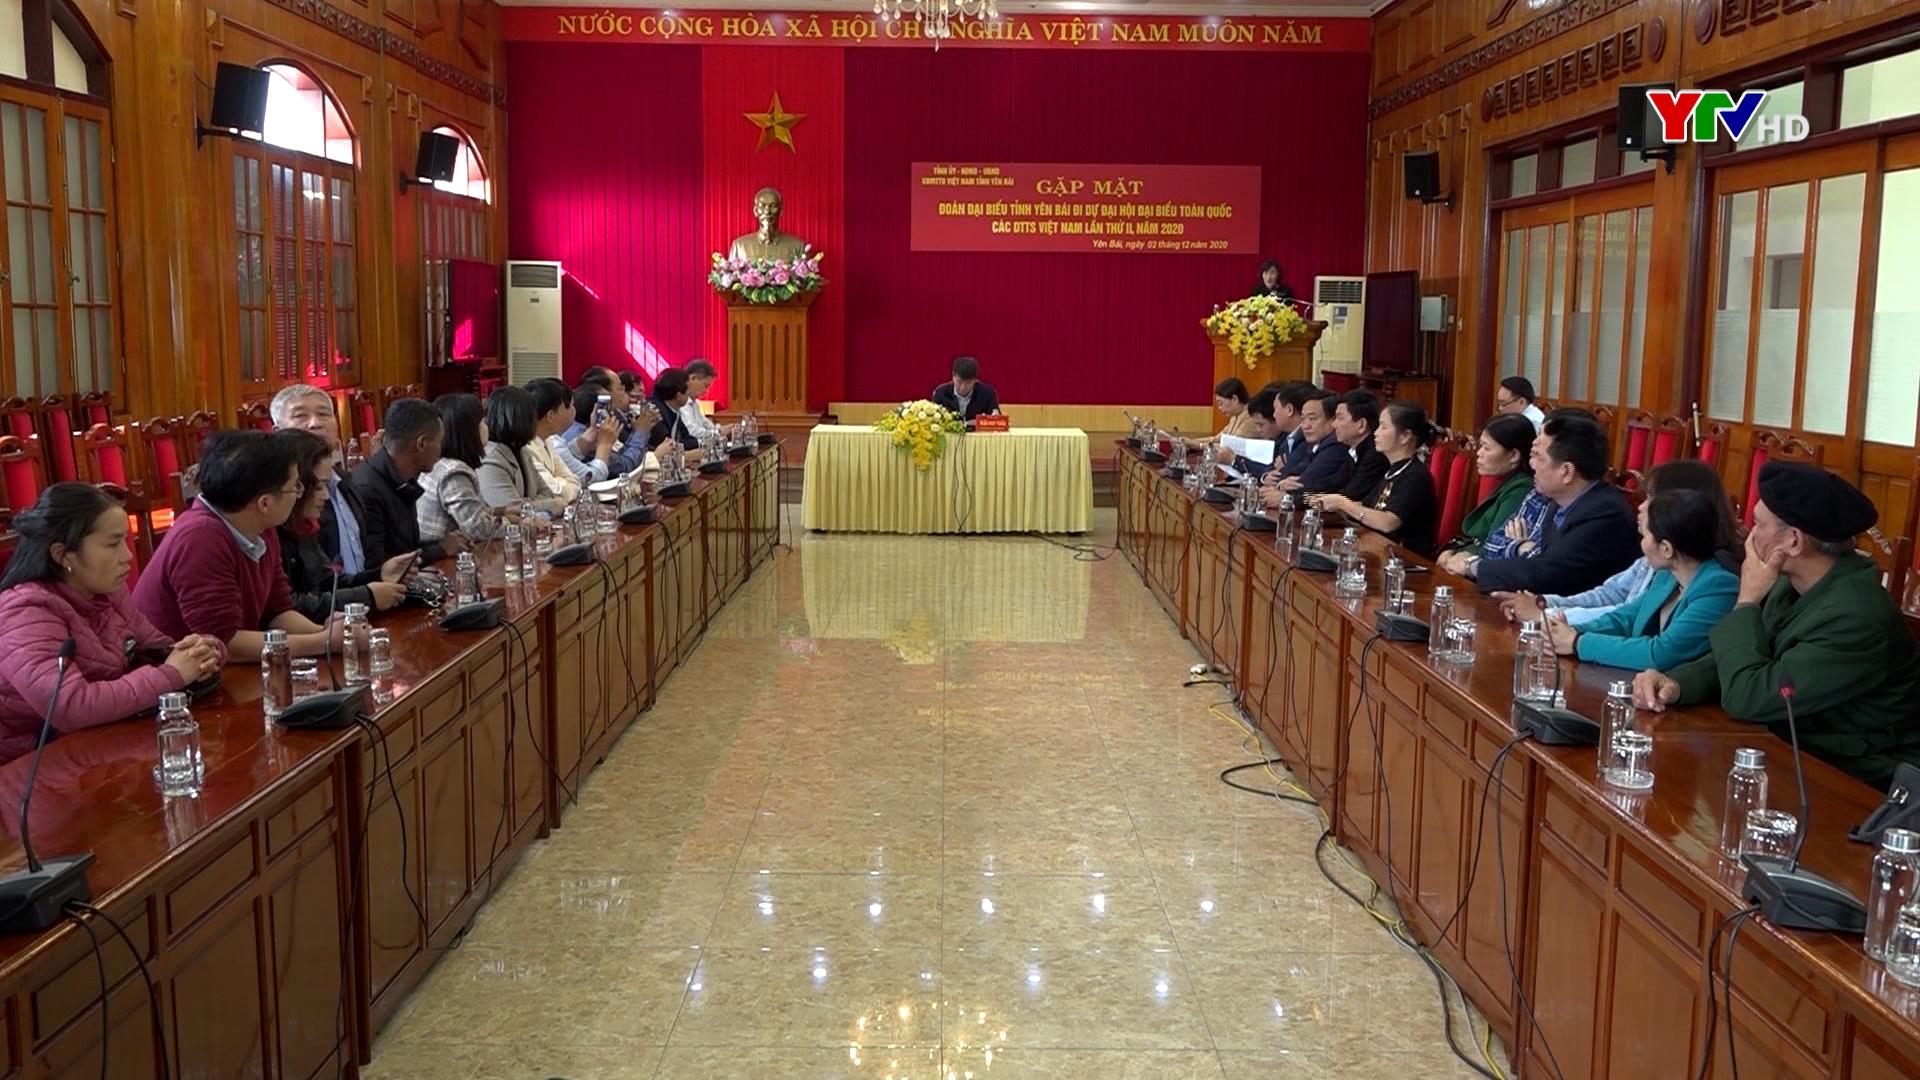 Gặp mặt Đoàn đại biểu tỉnh đi dự Đại hội đại biểu toàn quốc các dân tộc thiểu số Việt Nam lần thứ II năm 2020